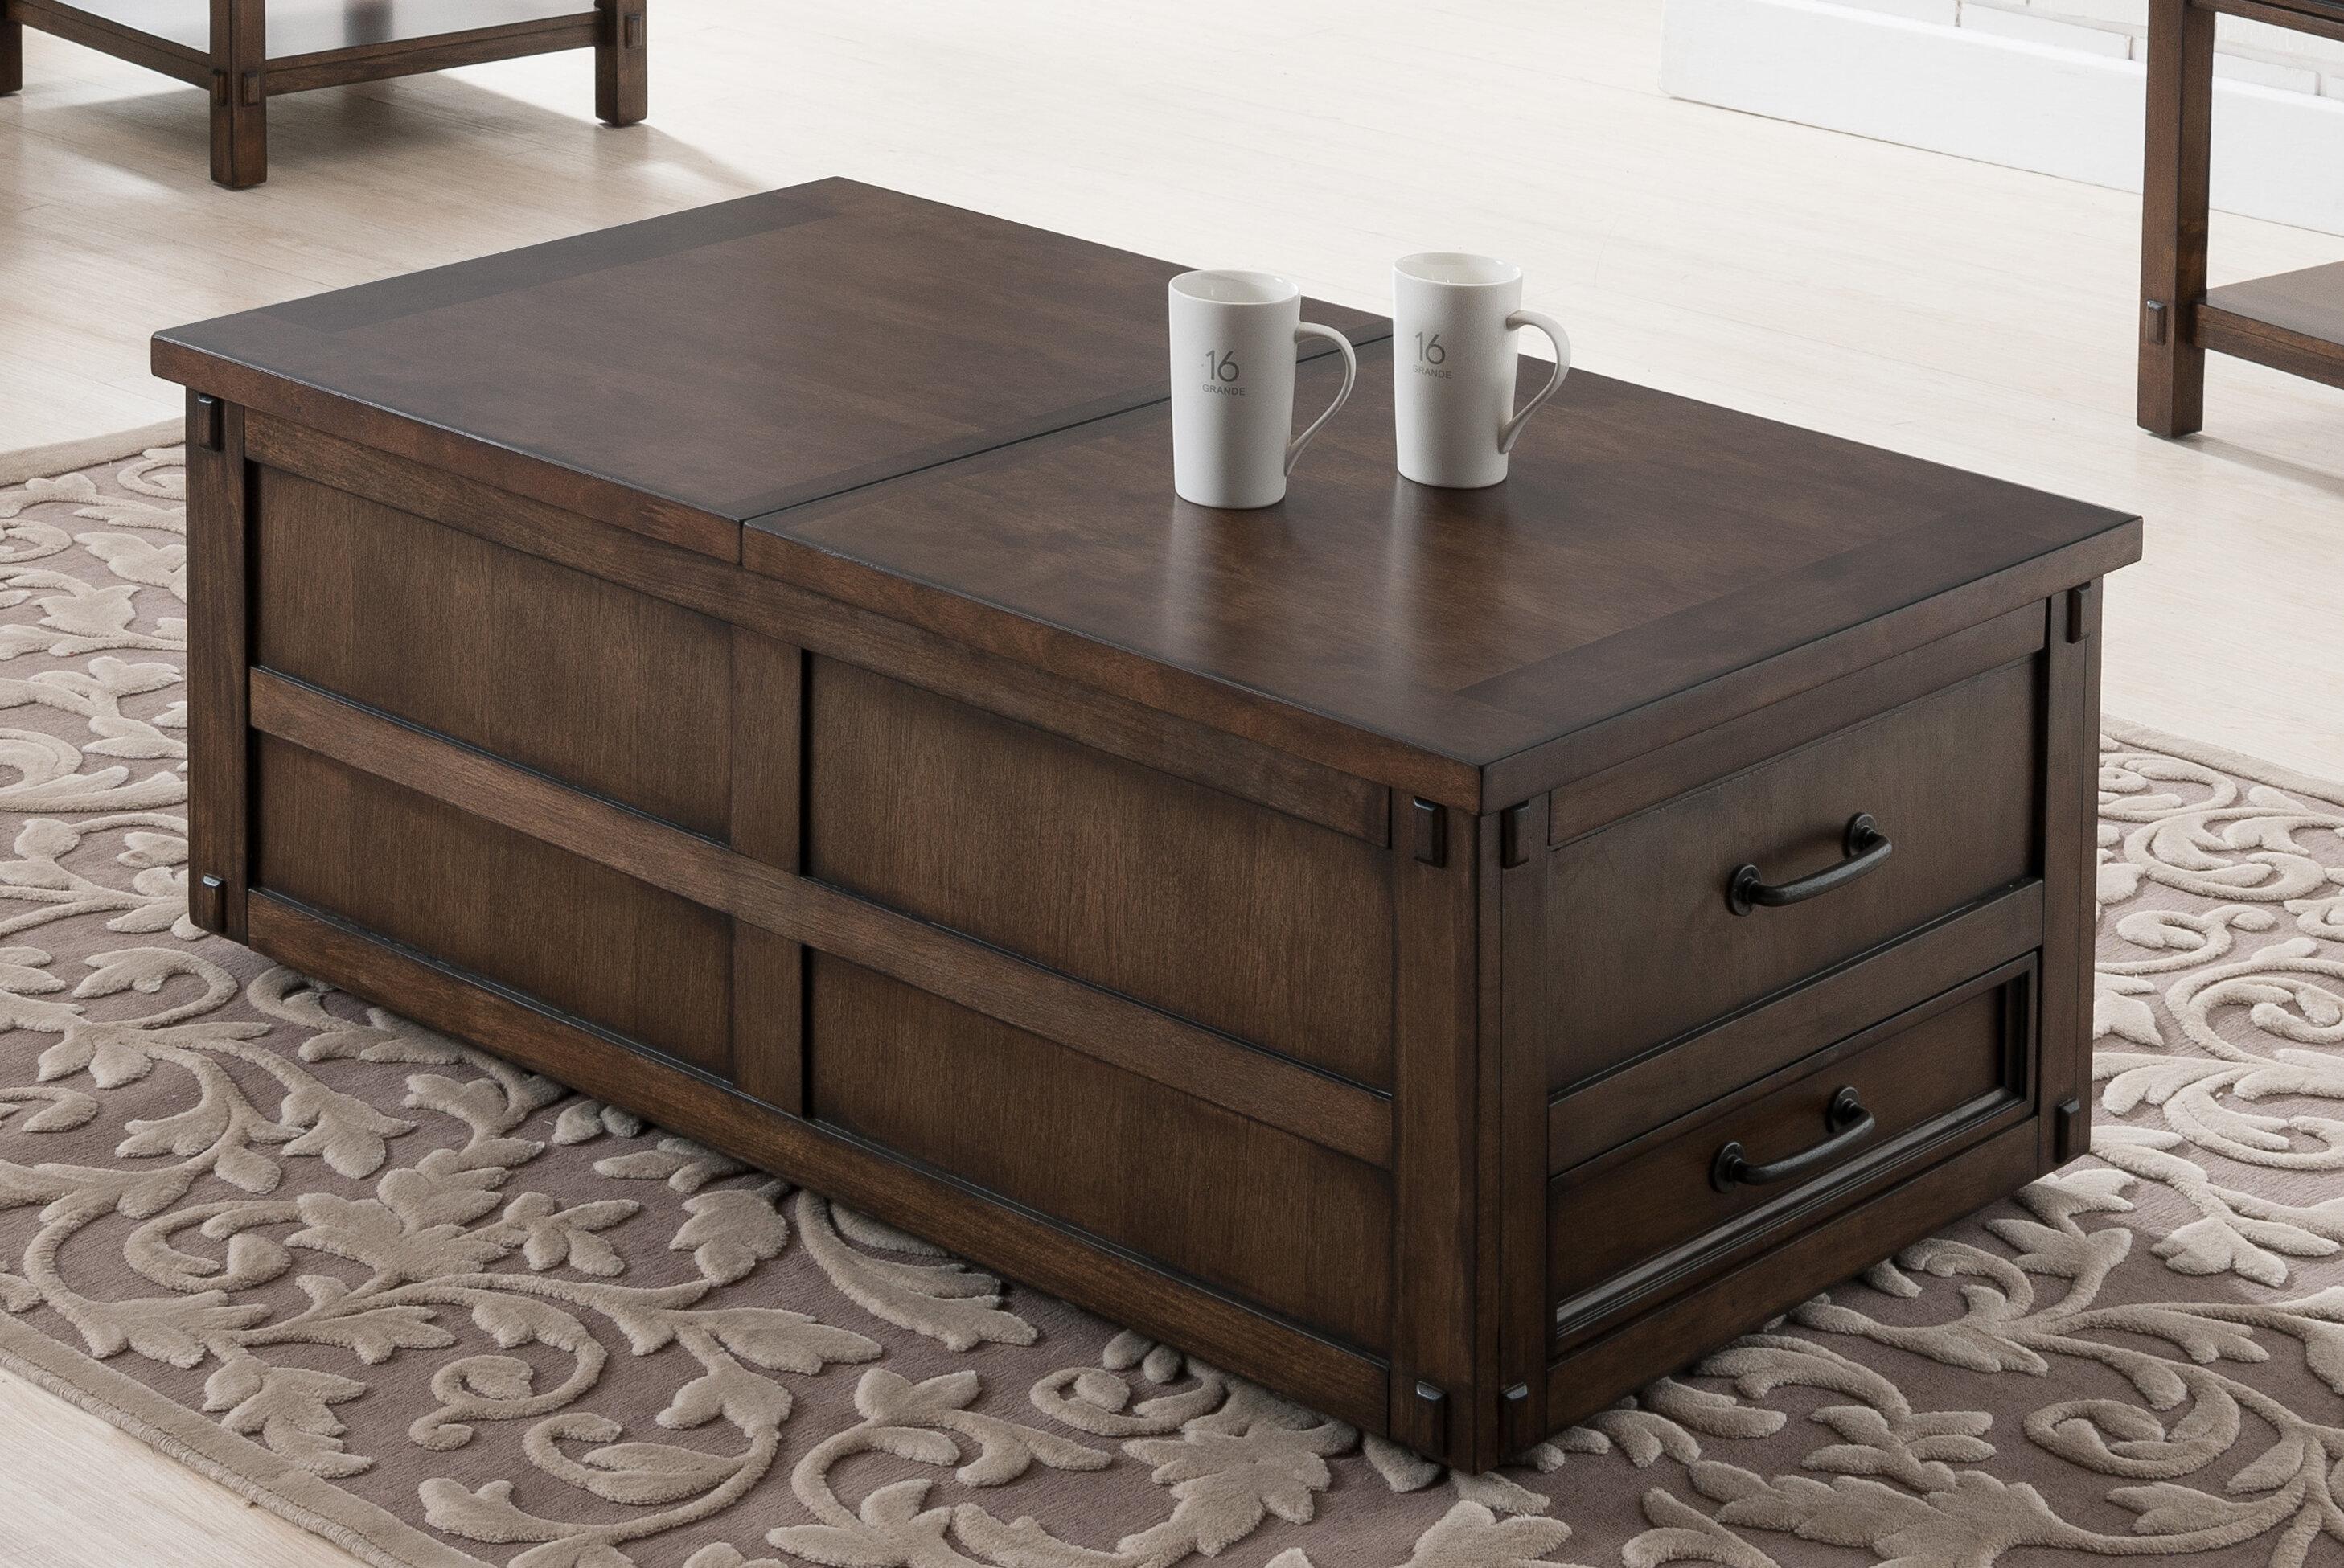 master table belham rustic end hayneedle living cfm jamestown product